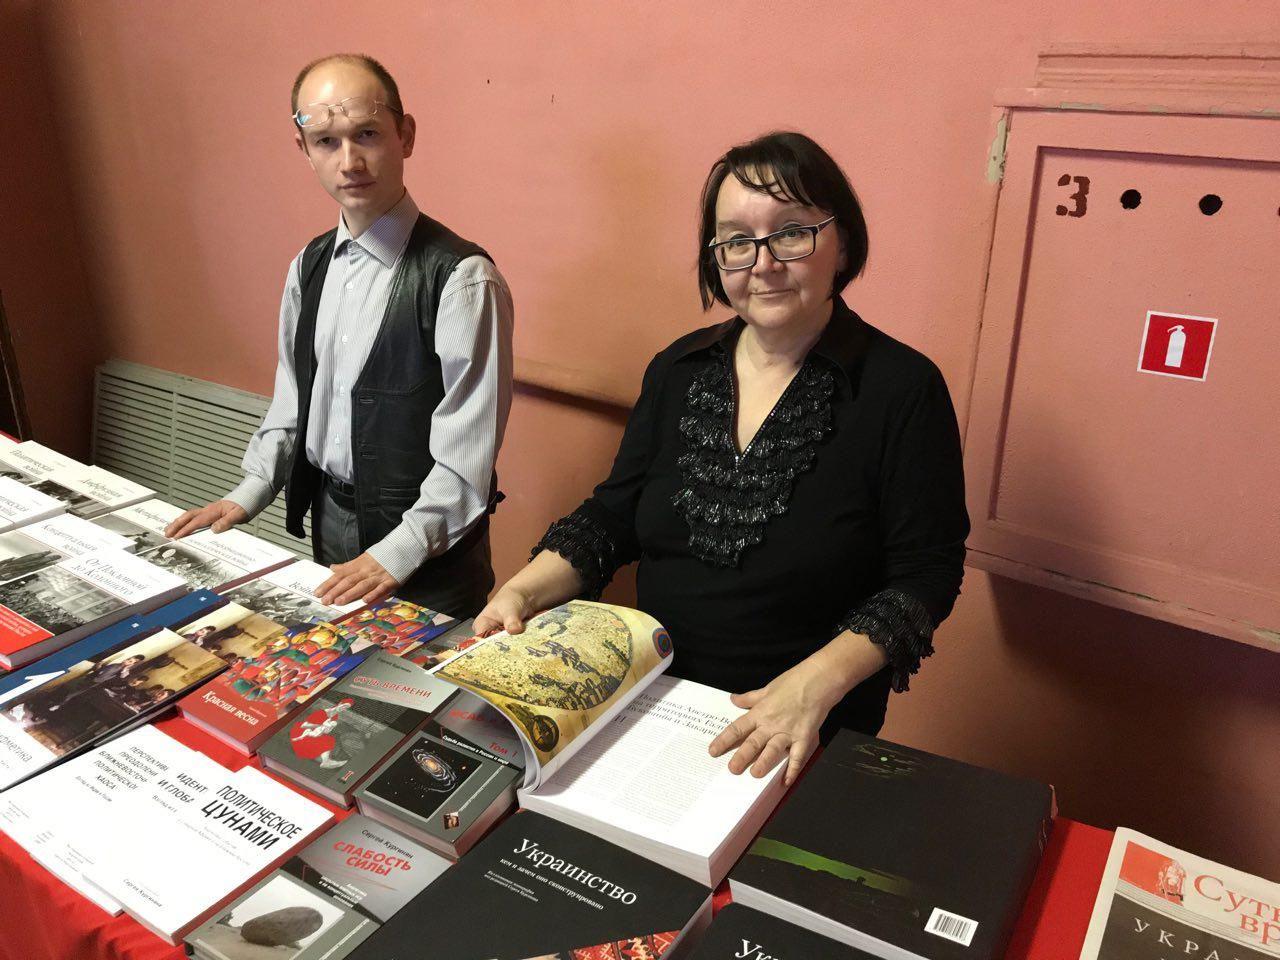 20171021_17-36-Открылась книжная выставка на брянской конференции по истории-pic1